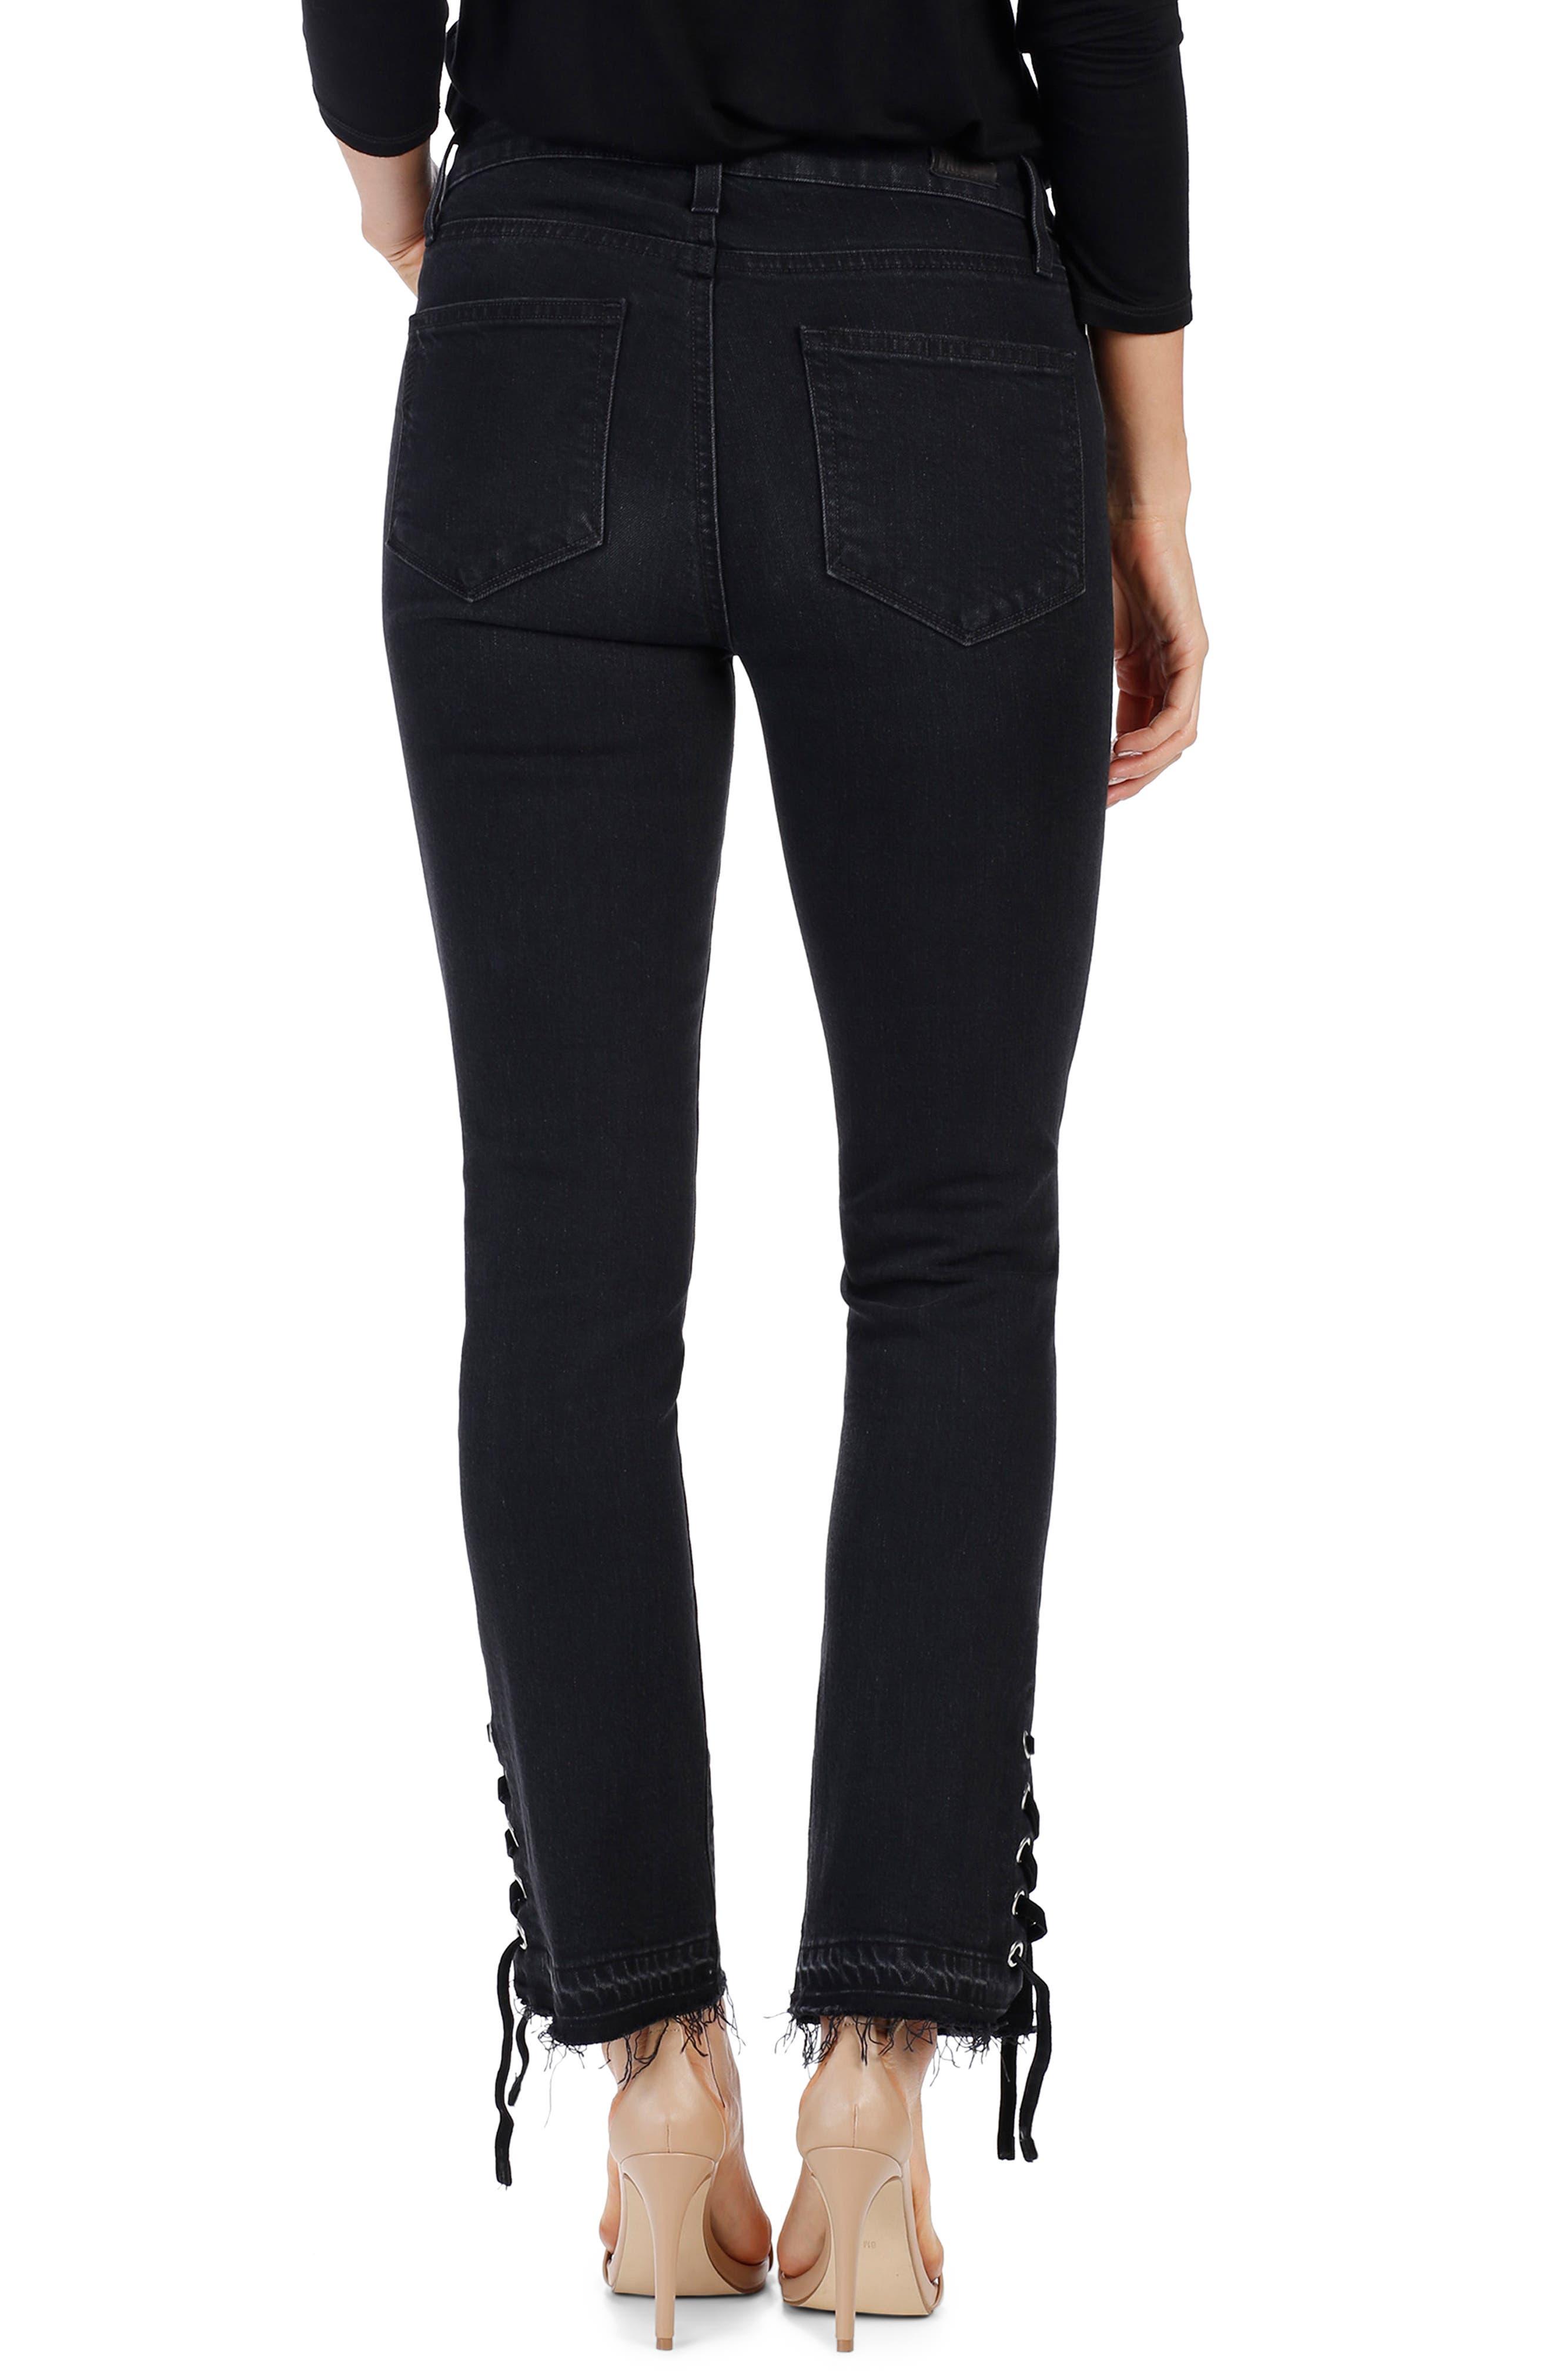 Jacqueline High Waist Straight Leg Jeans,                             Alternate thumbnail 3, color,                             Lacey Noir